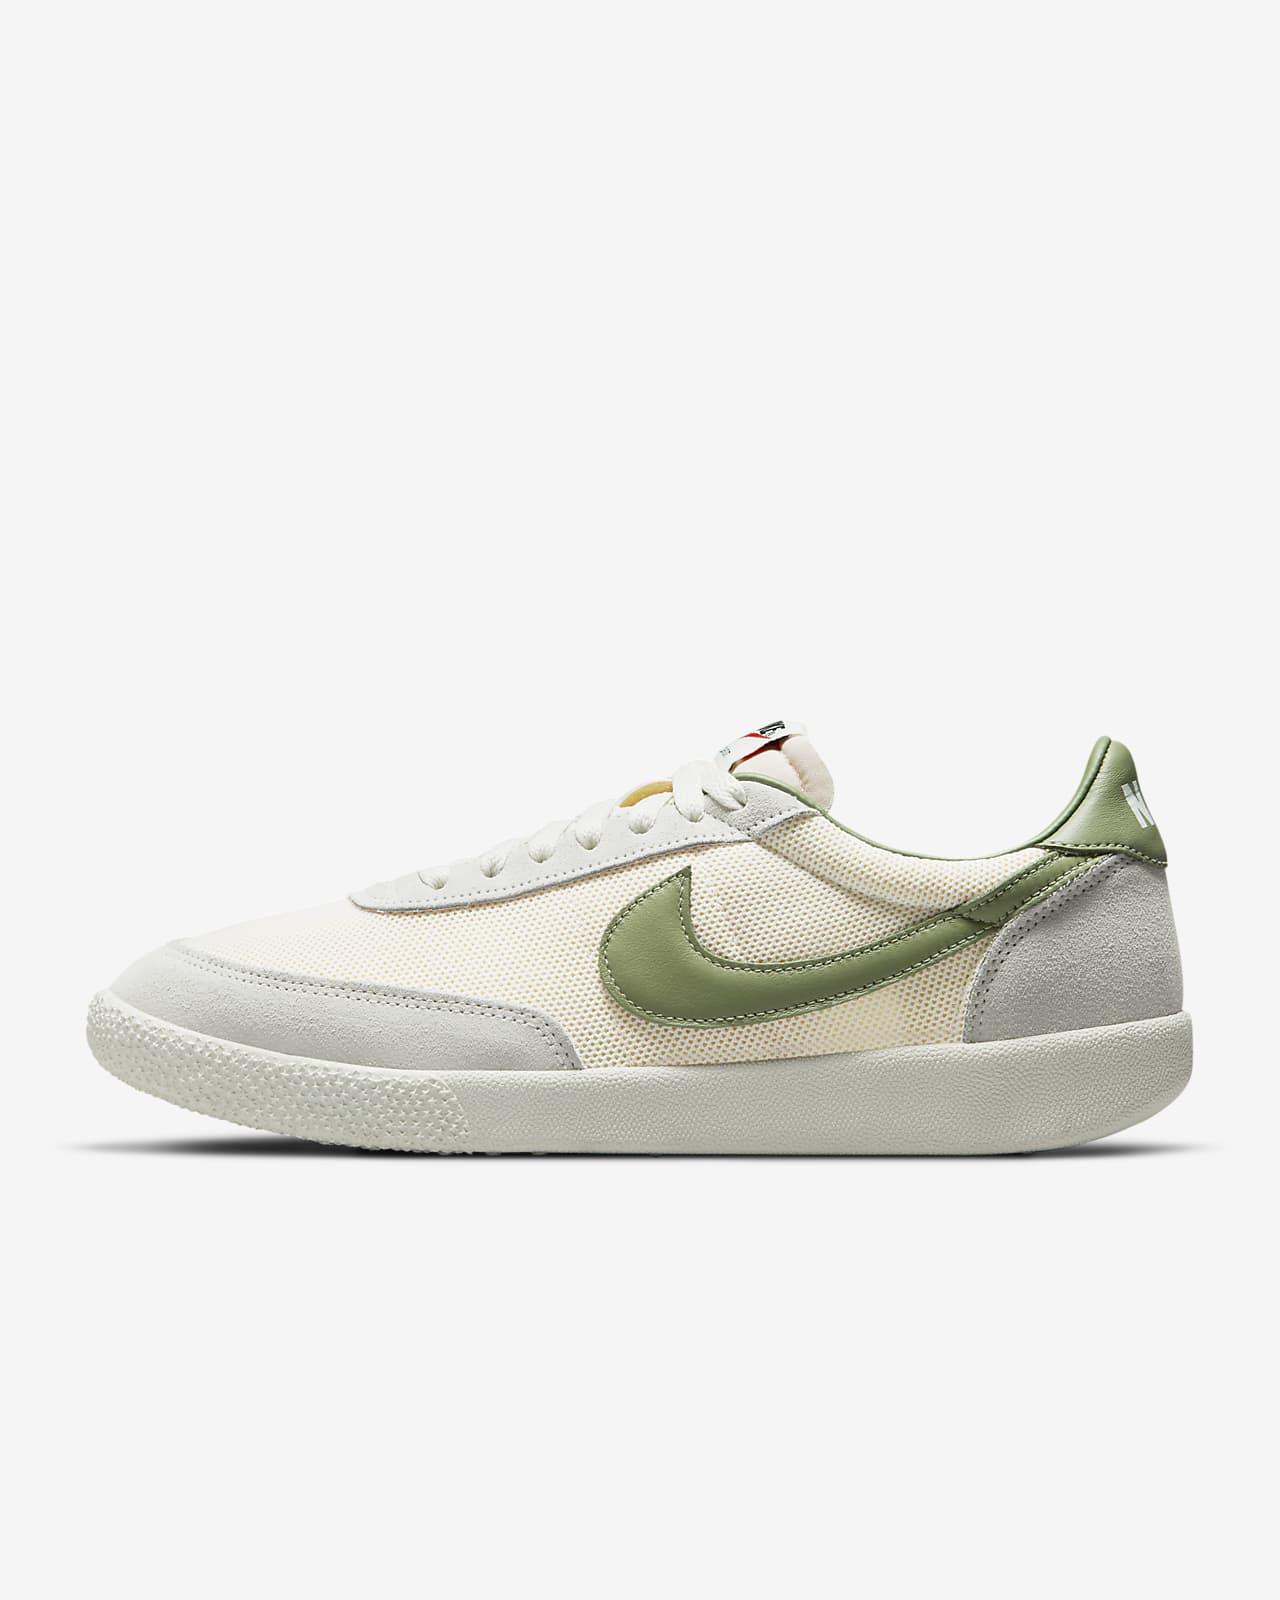 Nike Killshot OG 男子运动鞋